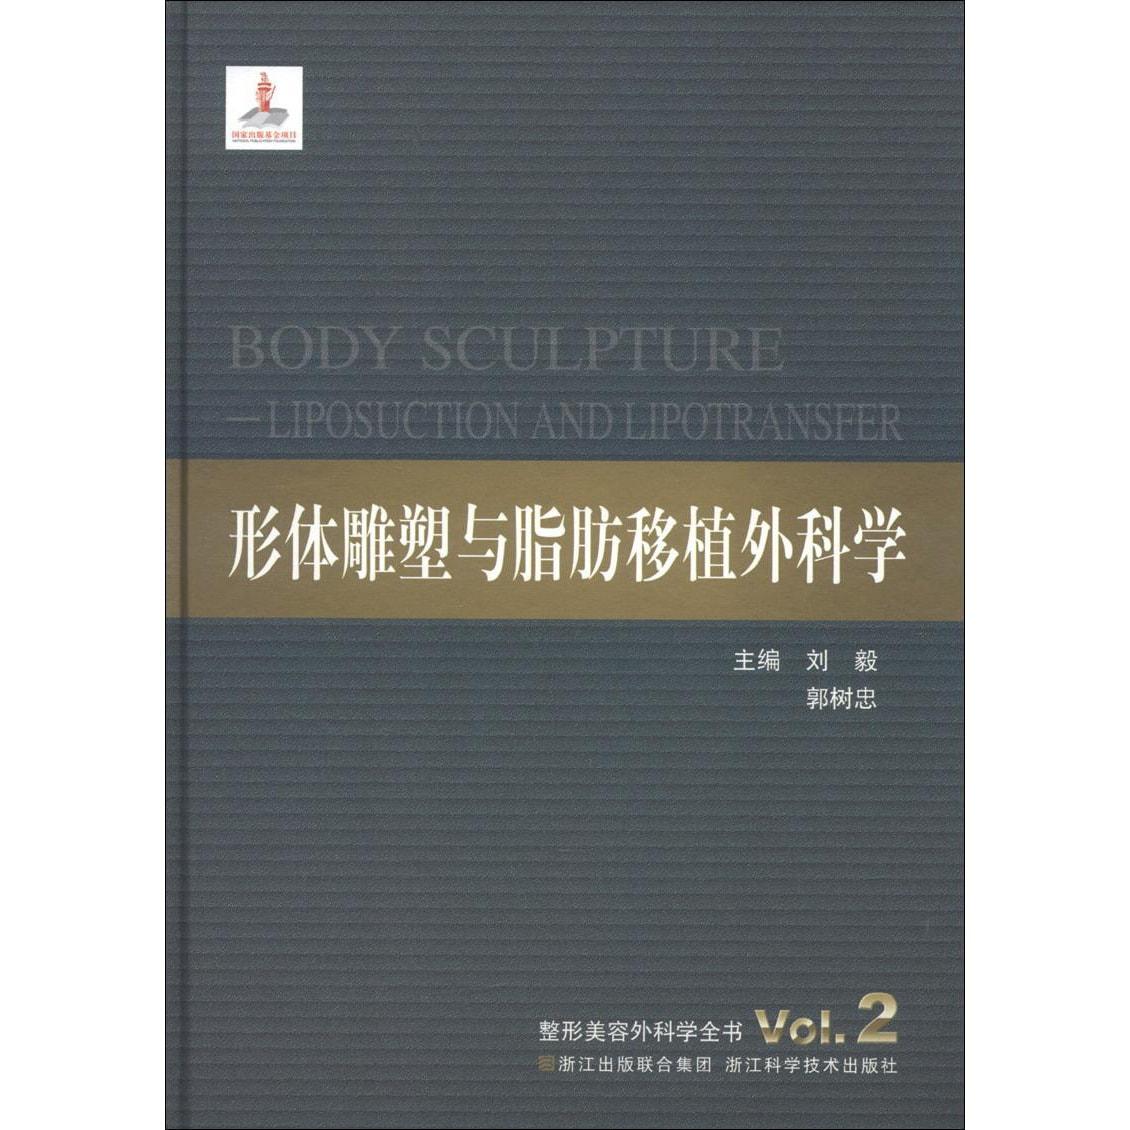 整形美容外科学全书:形体雕塑与脂肪移植外科学 怎么样 - 亚米网